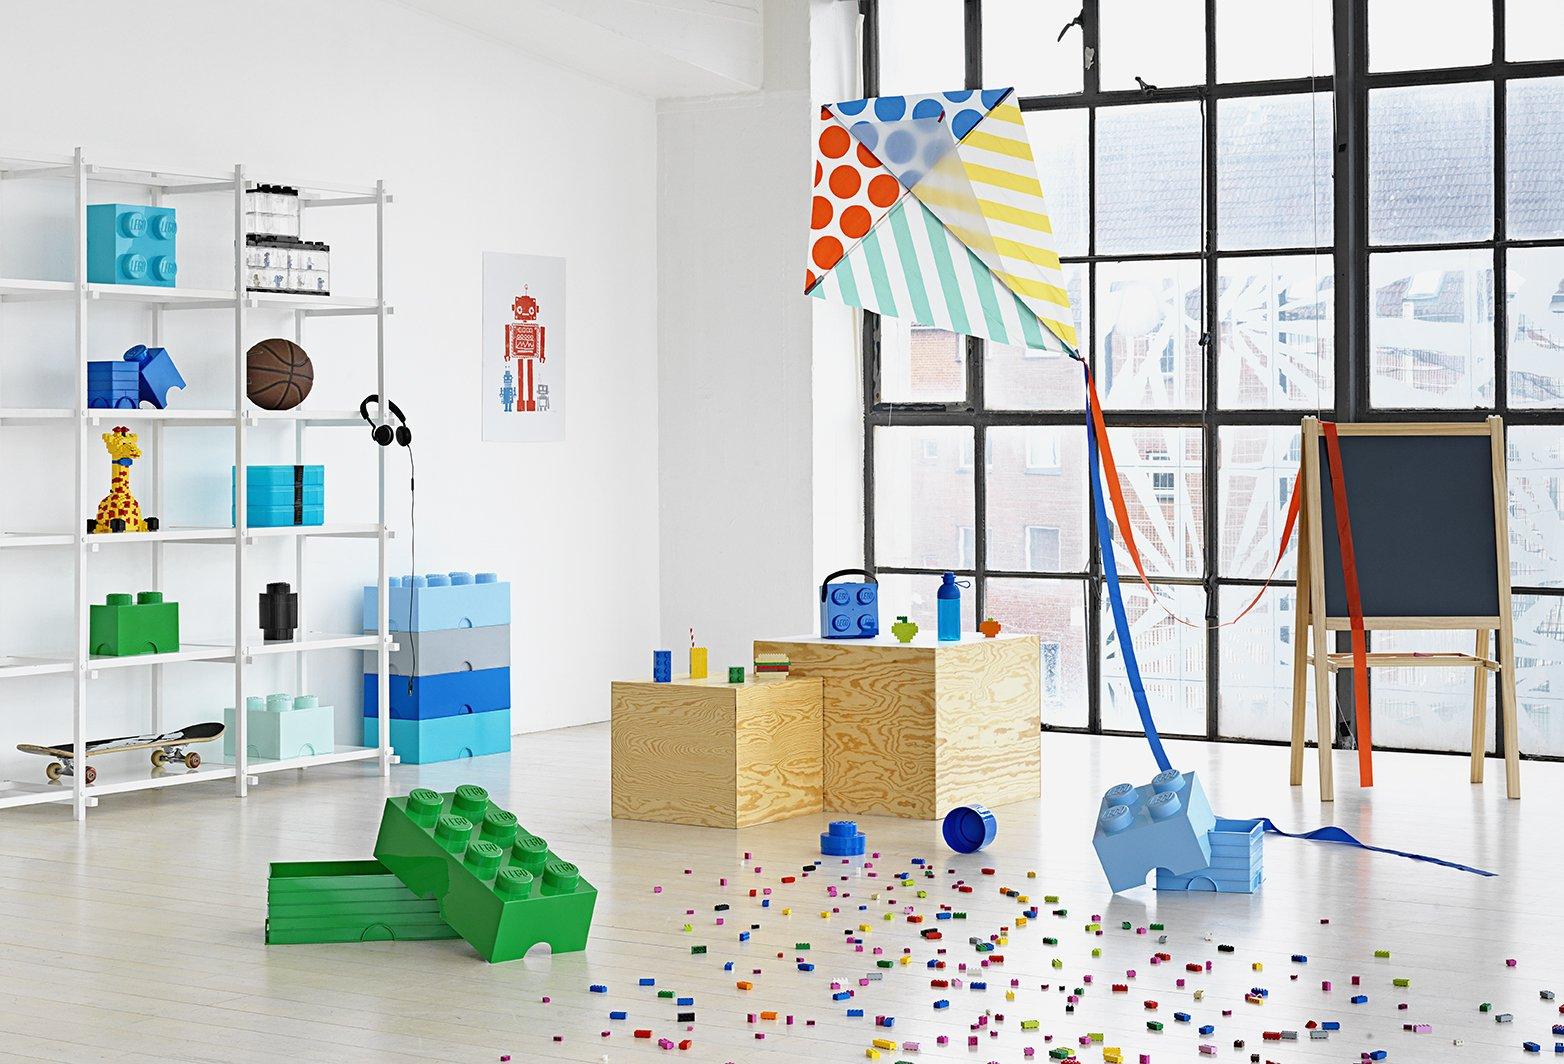 Mattoncino-contenitore Lego a 4 Bottoncini, Contenitore Impilabile, 5,7 Litri, Acqua & Lego Brick Mattoncino Bottoncini… 2 spesavip